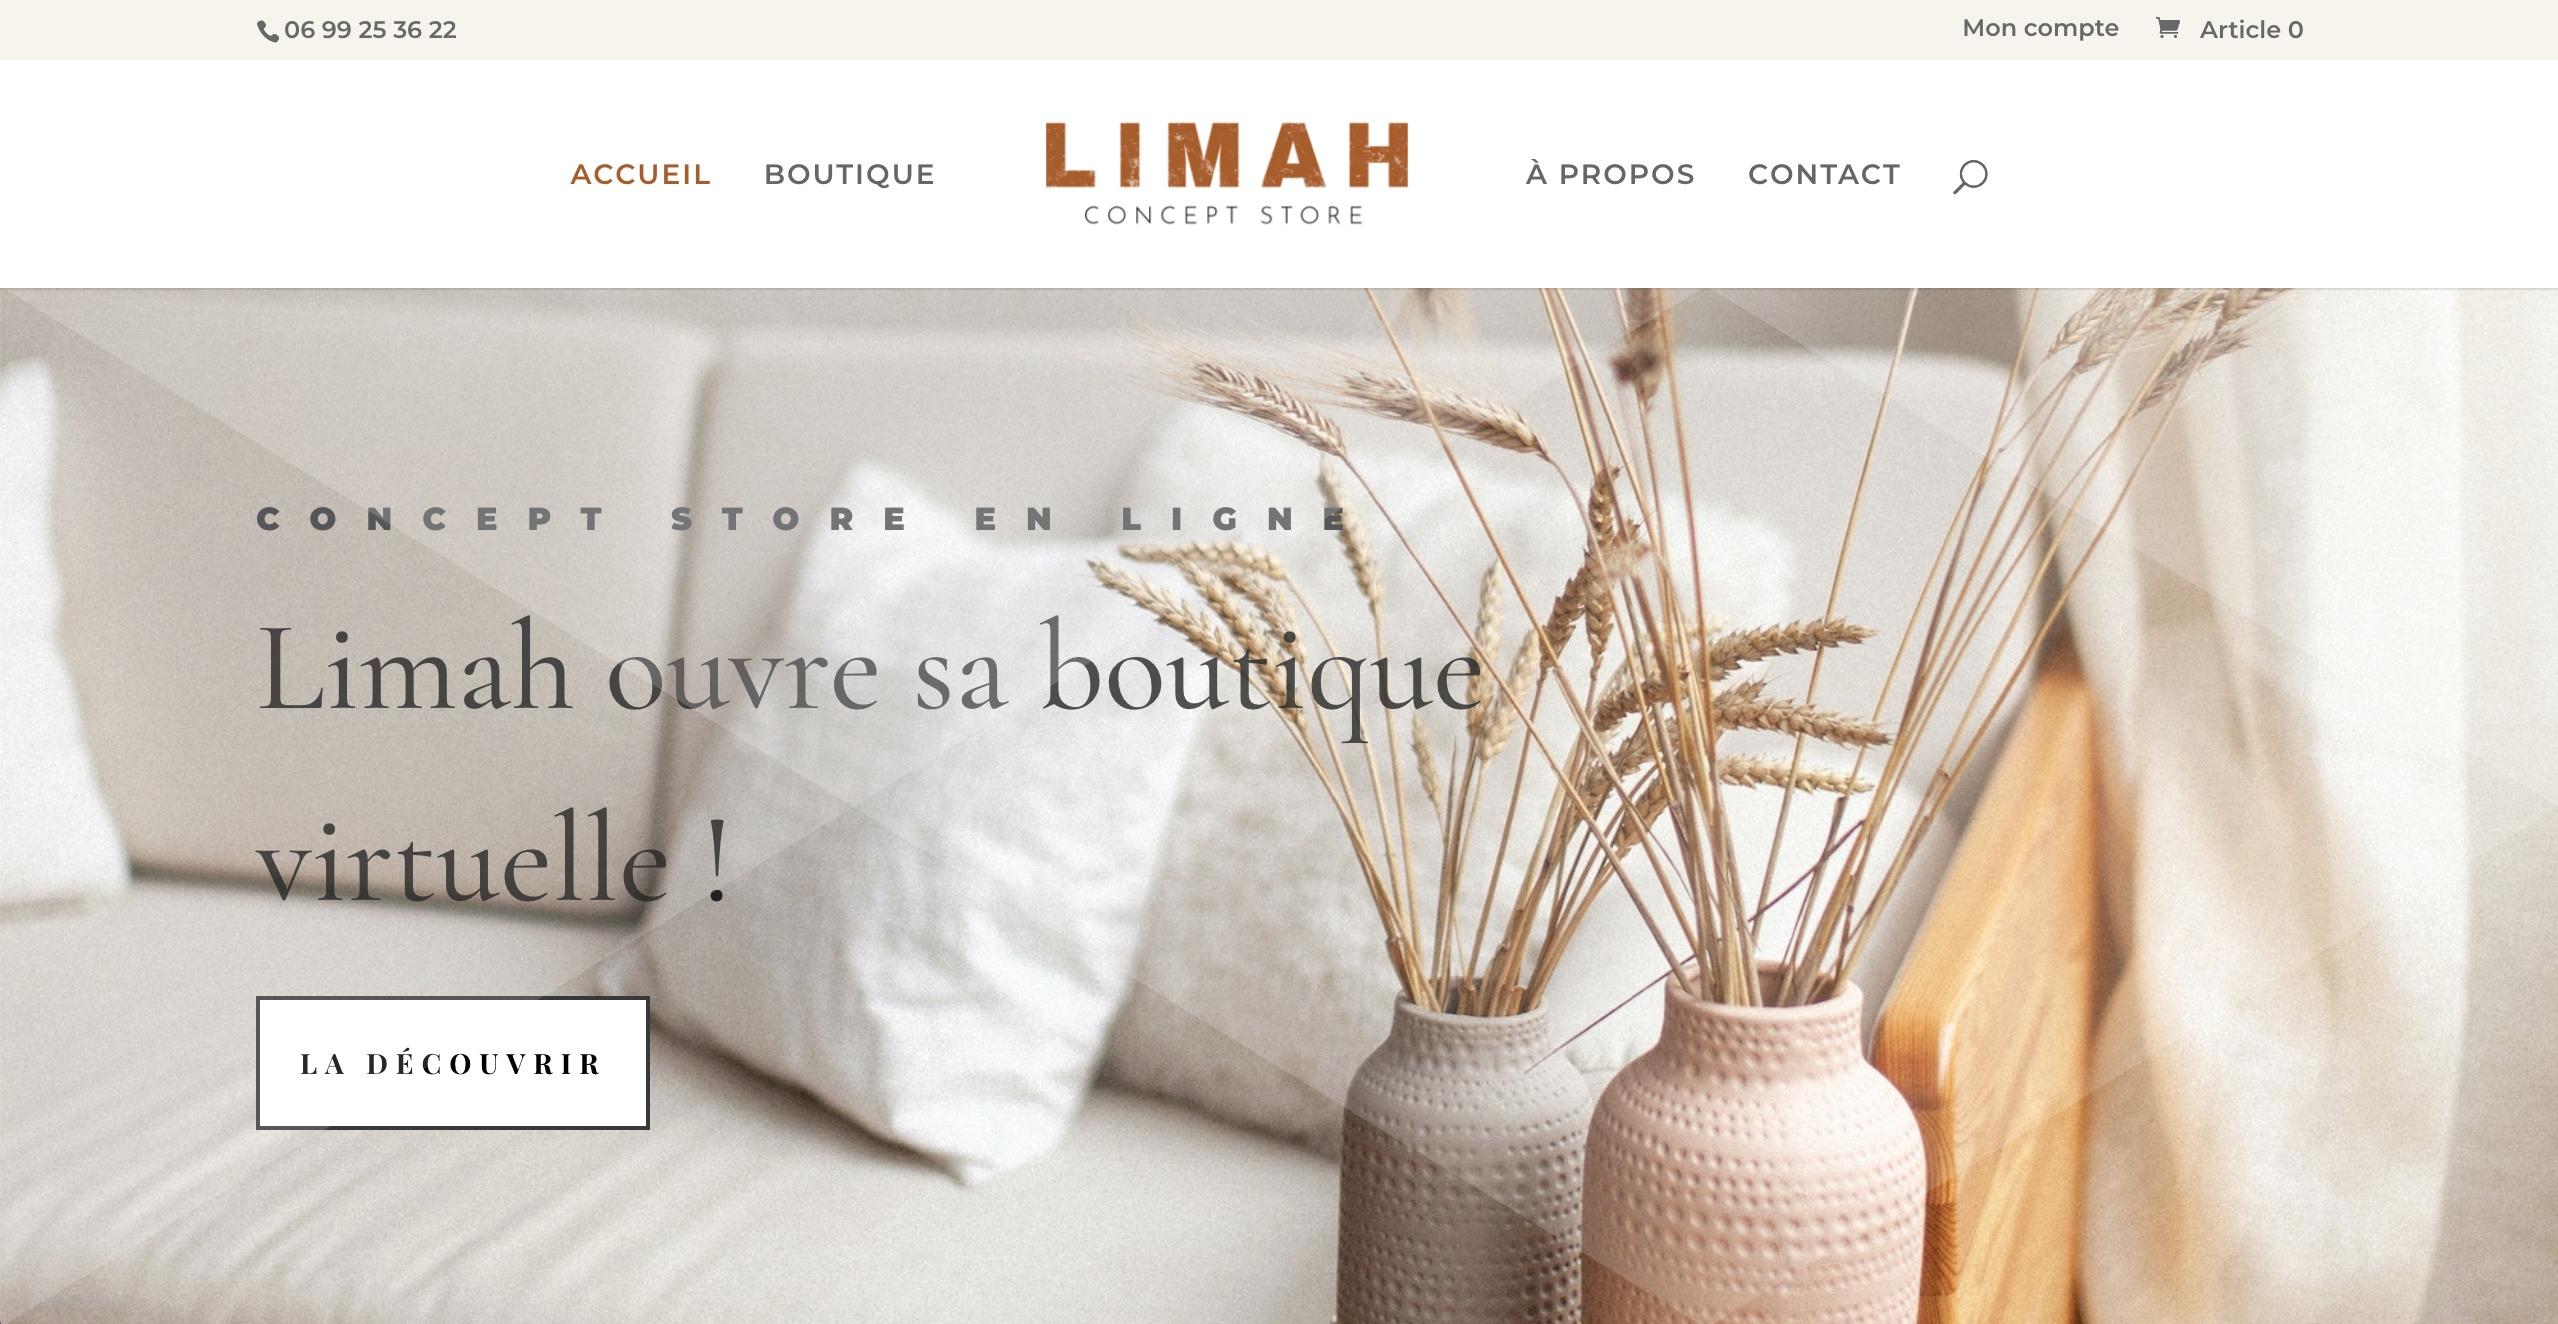 Site Internet Limah | Concept Store à Pouillon dans les Landes